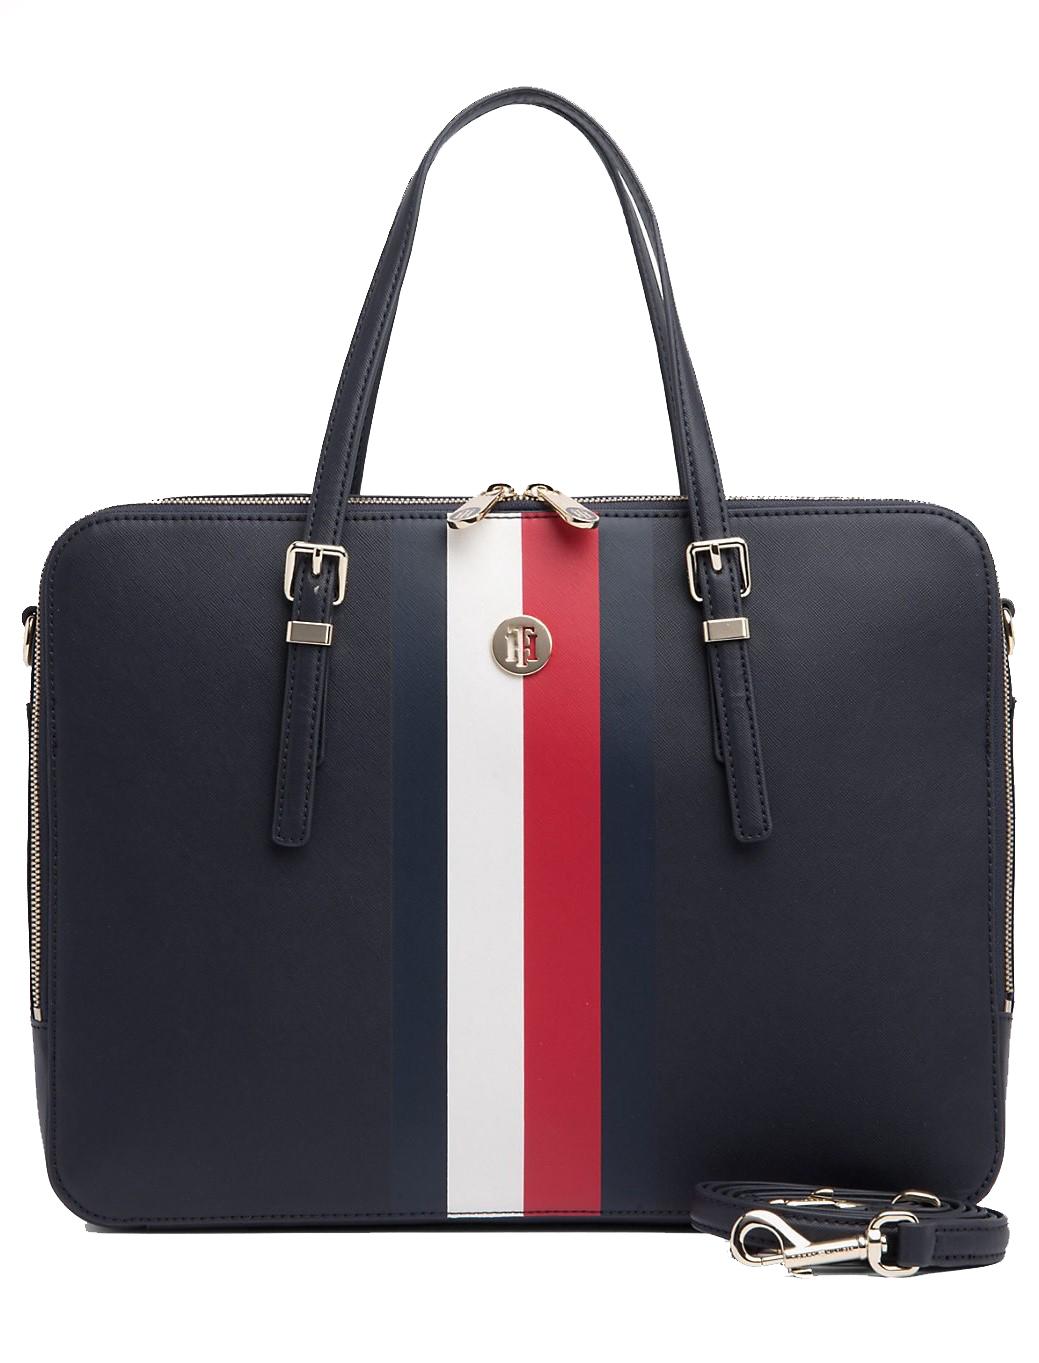 37af689401 Tommy Hilfiger modrá taška na notebook Honey Computer Bag Corporate. Tommy  Hilfiger modrá taška na notebook ...